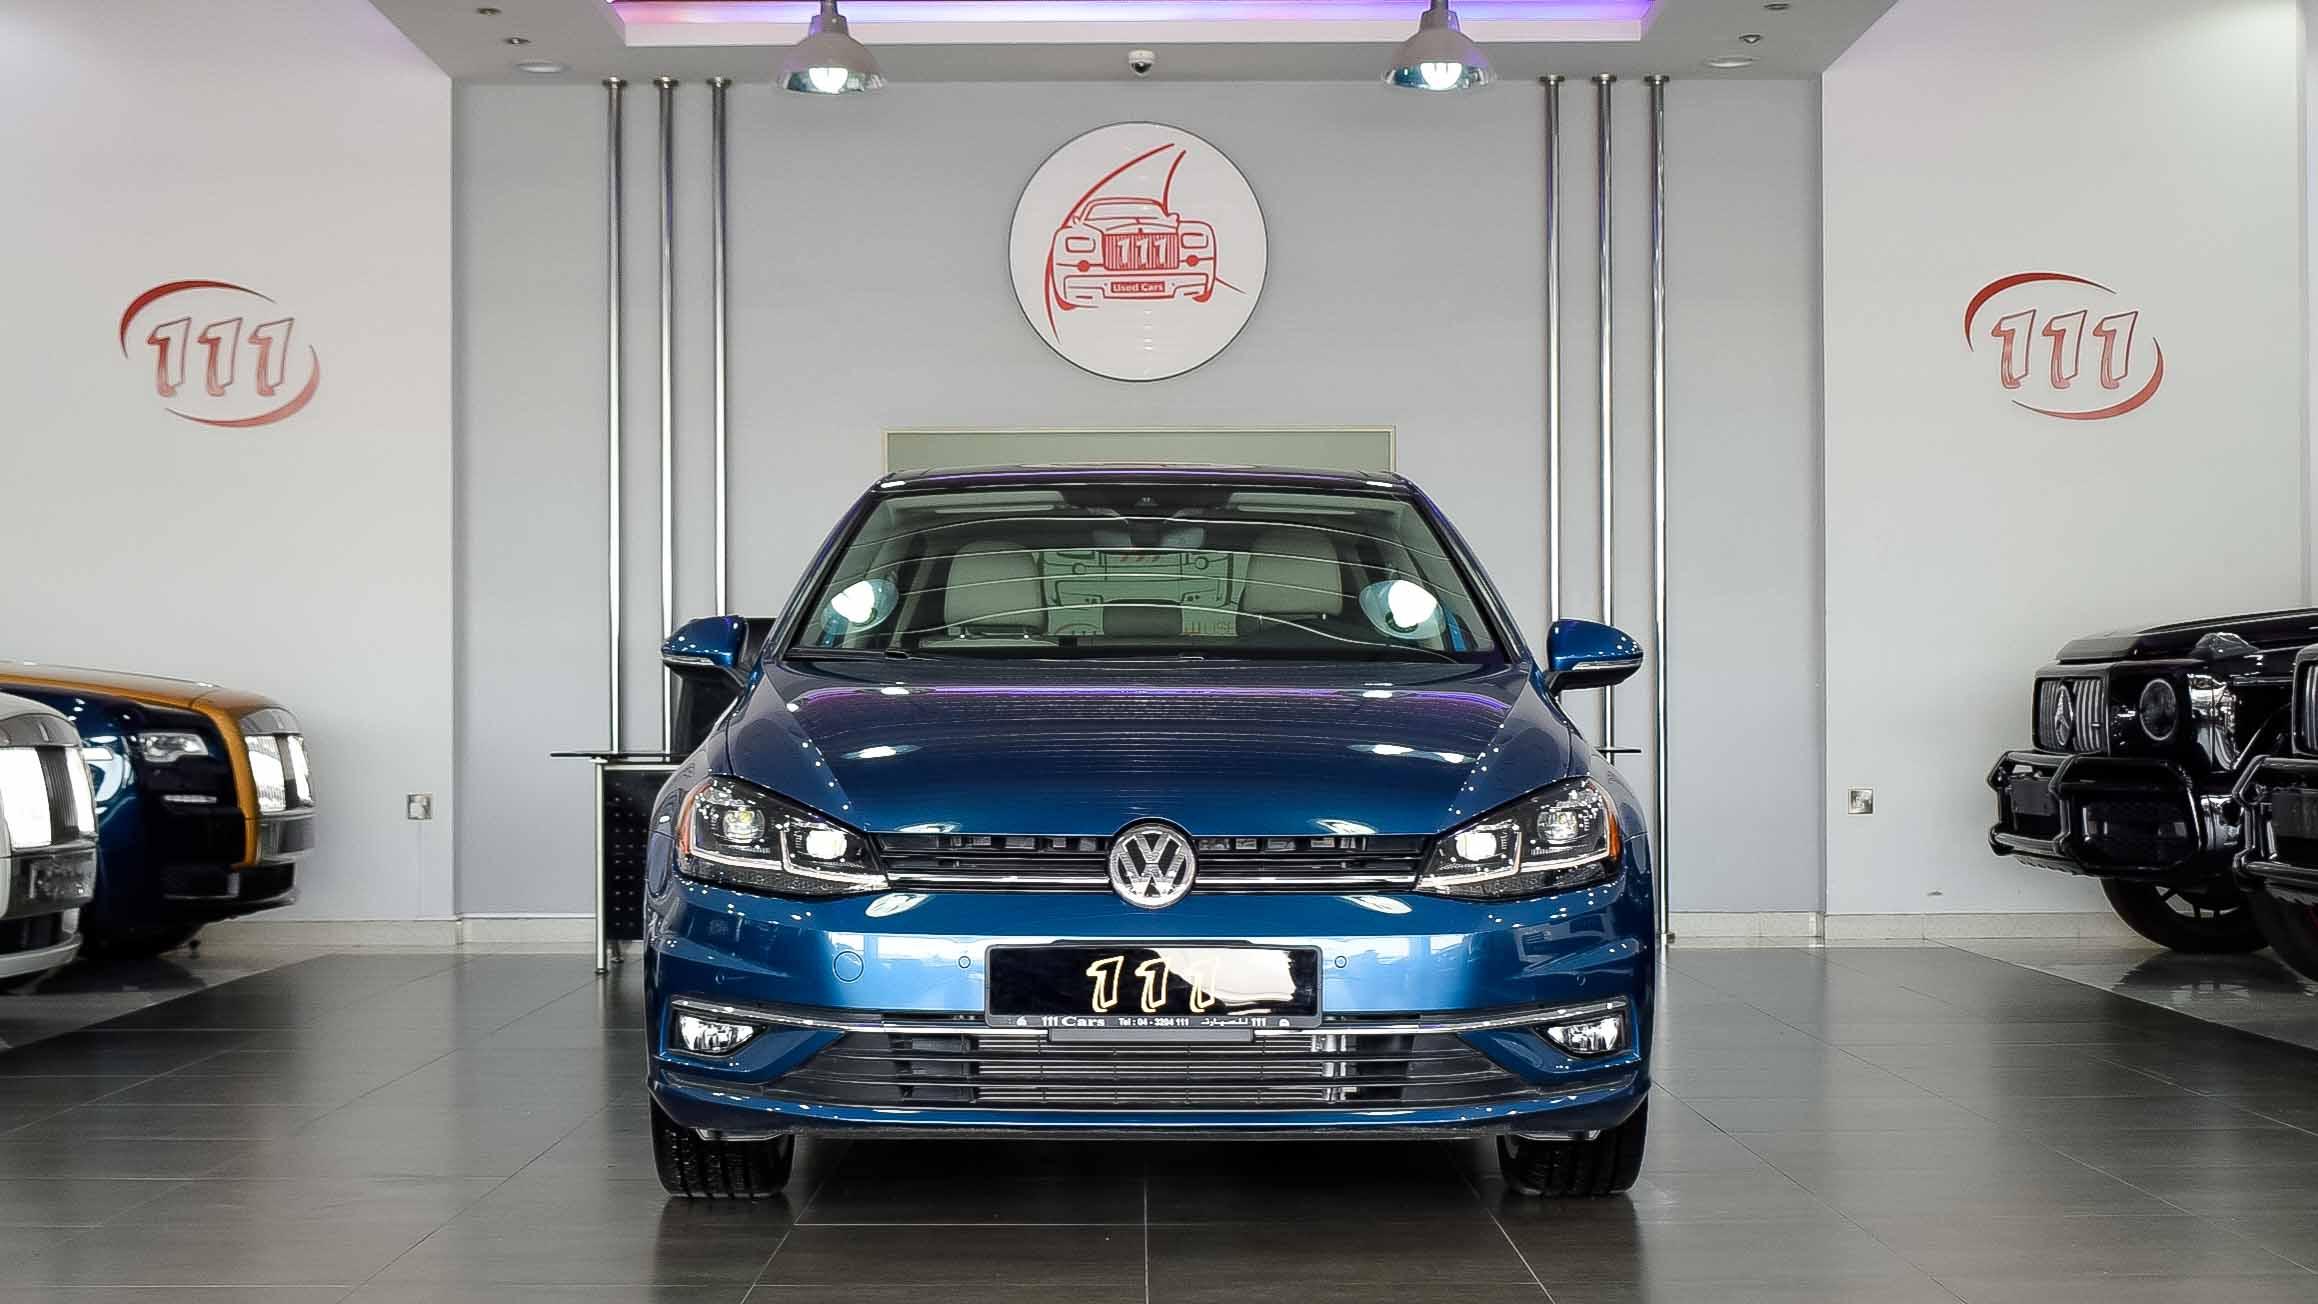 2019-Volkswagen-Golf-1.4-Blue-Beige-Canadian-Specifications-02-1.jpg